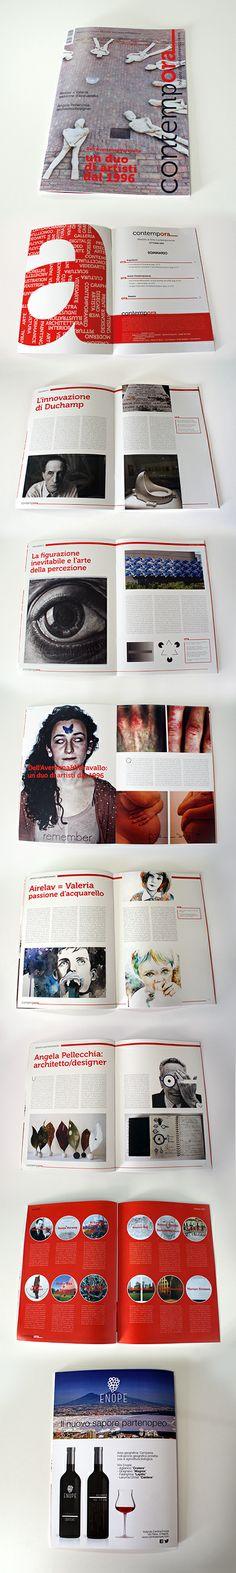 Realizzazione Rivista/Magazine di Arte Contemporanea.  CONTEMPORA Rivista A4 16 Pagine